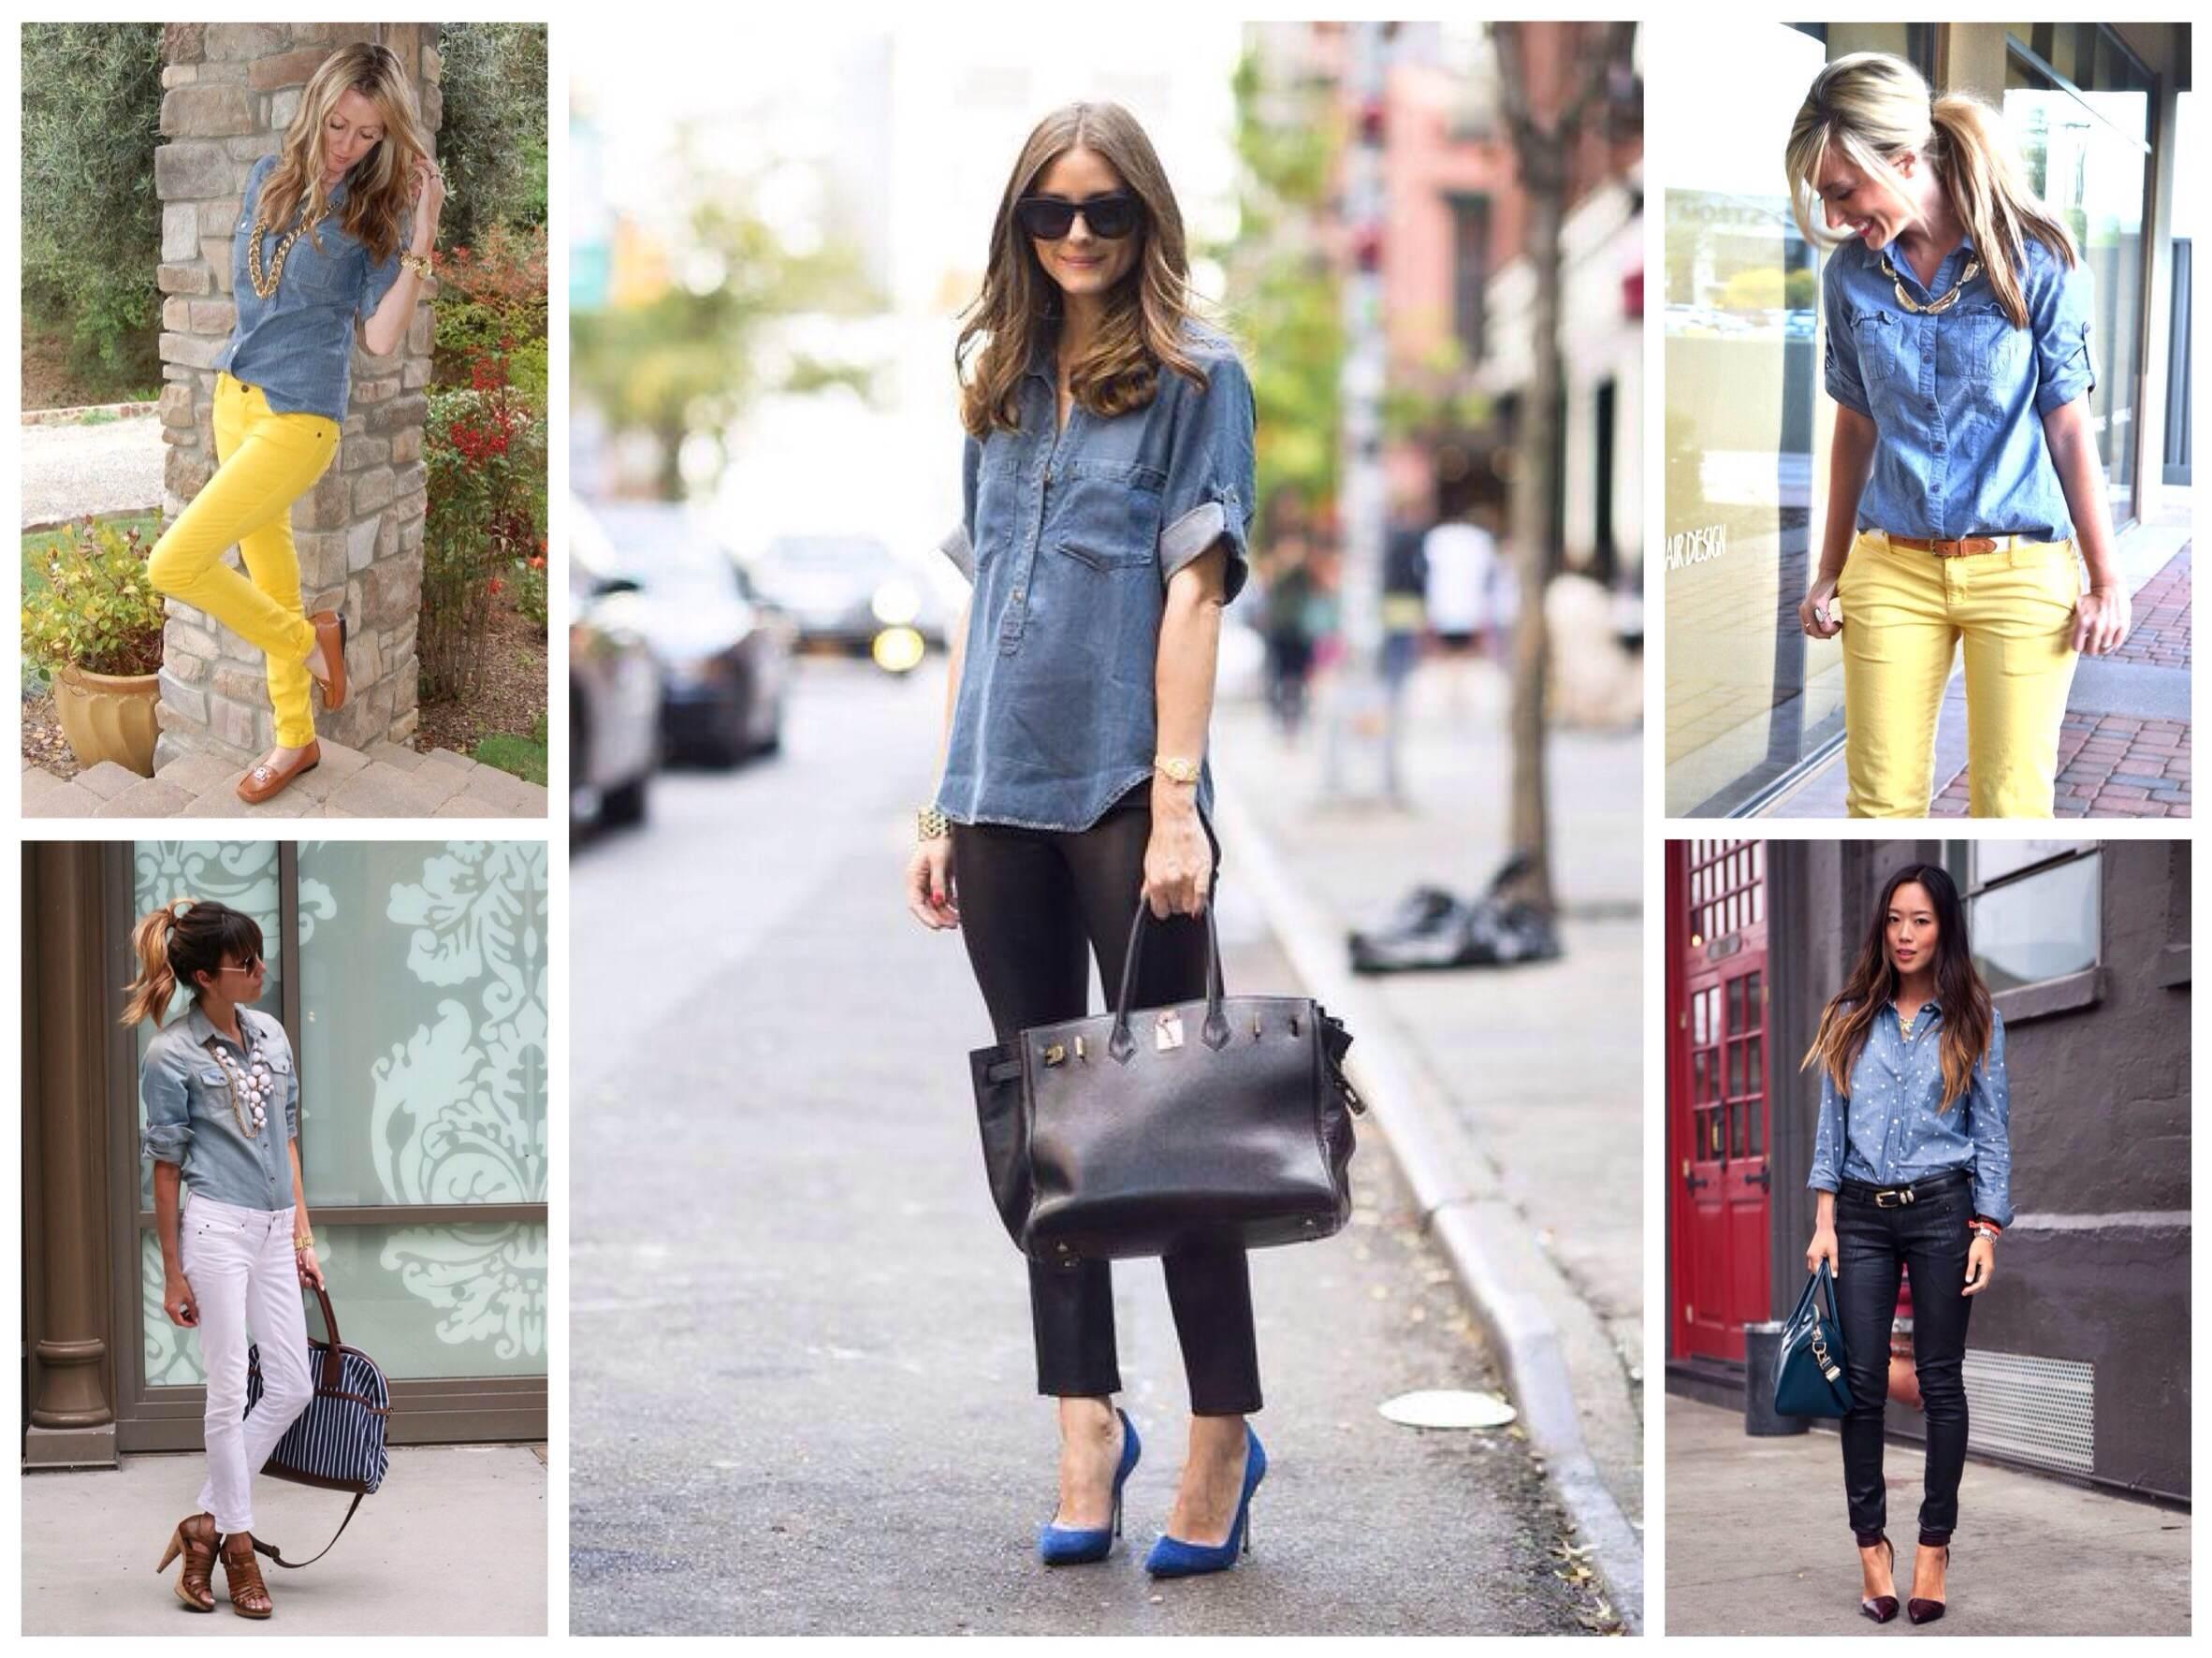 d67398f4465 С чем носить джинсовую рубашку  фото комплектов и рекомендации